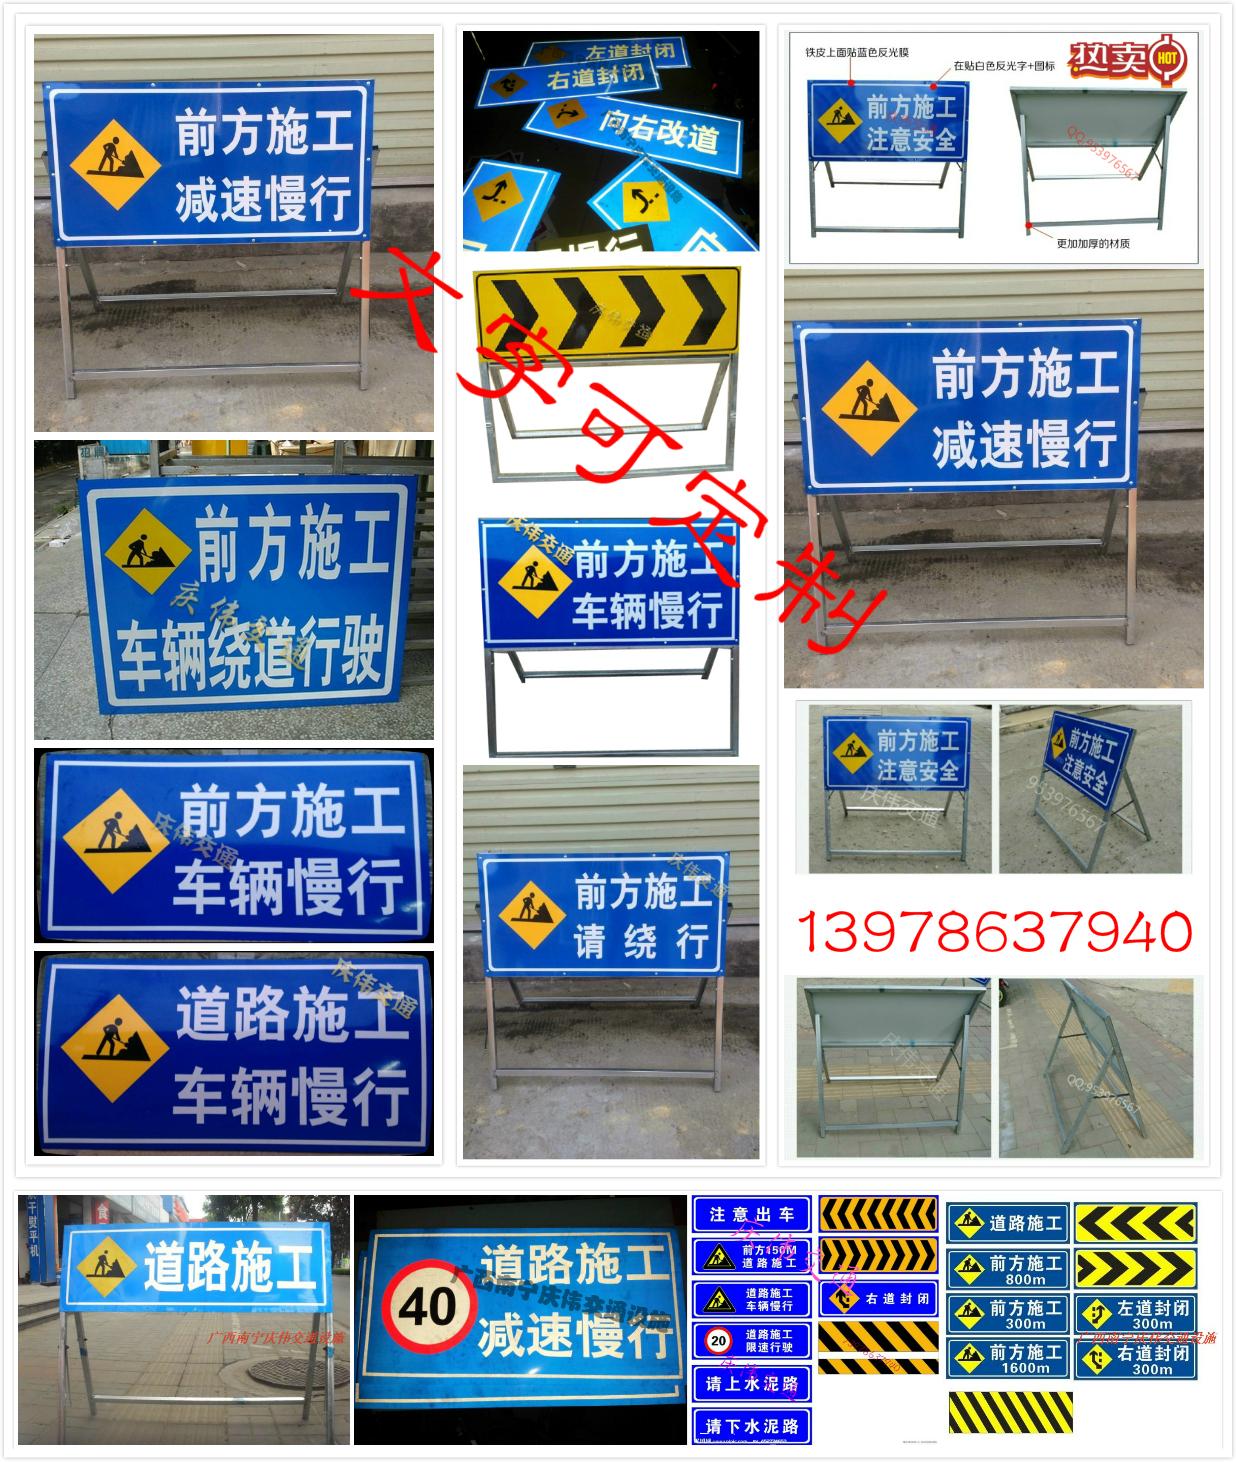 交通标志牌安全警示牌标示牌前方施工车辆慢行反光定做施工警示牌